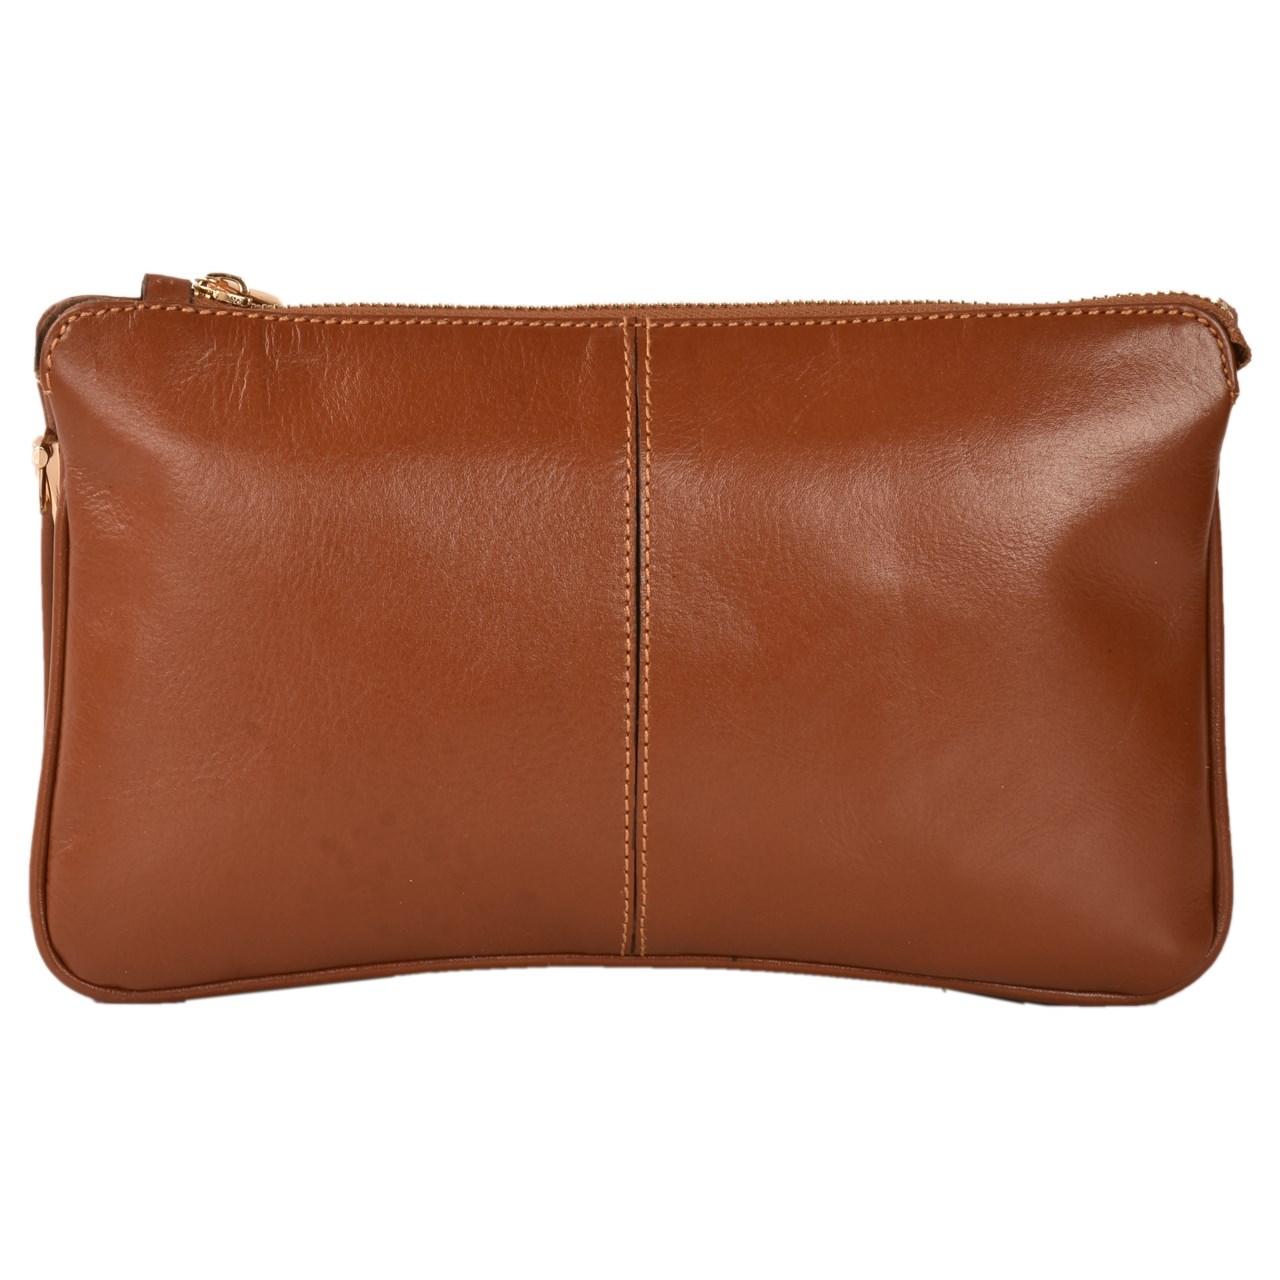 قیمت کیف رو دوشی چرم طبیعی کهن چرم مدل V157-1